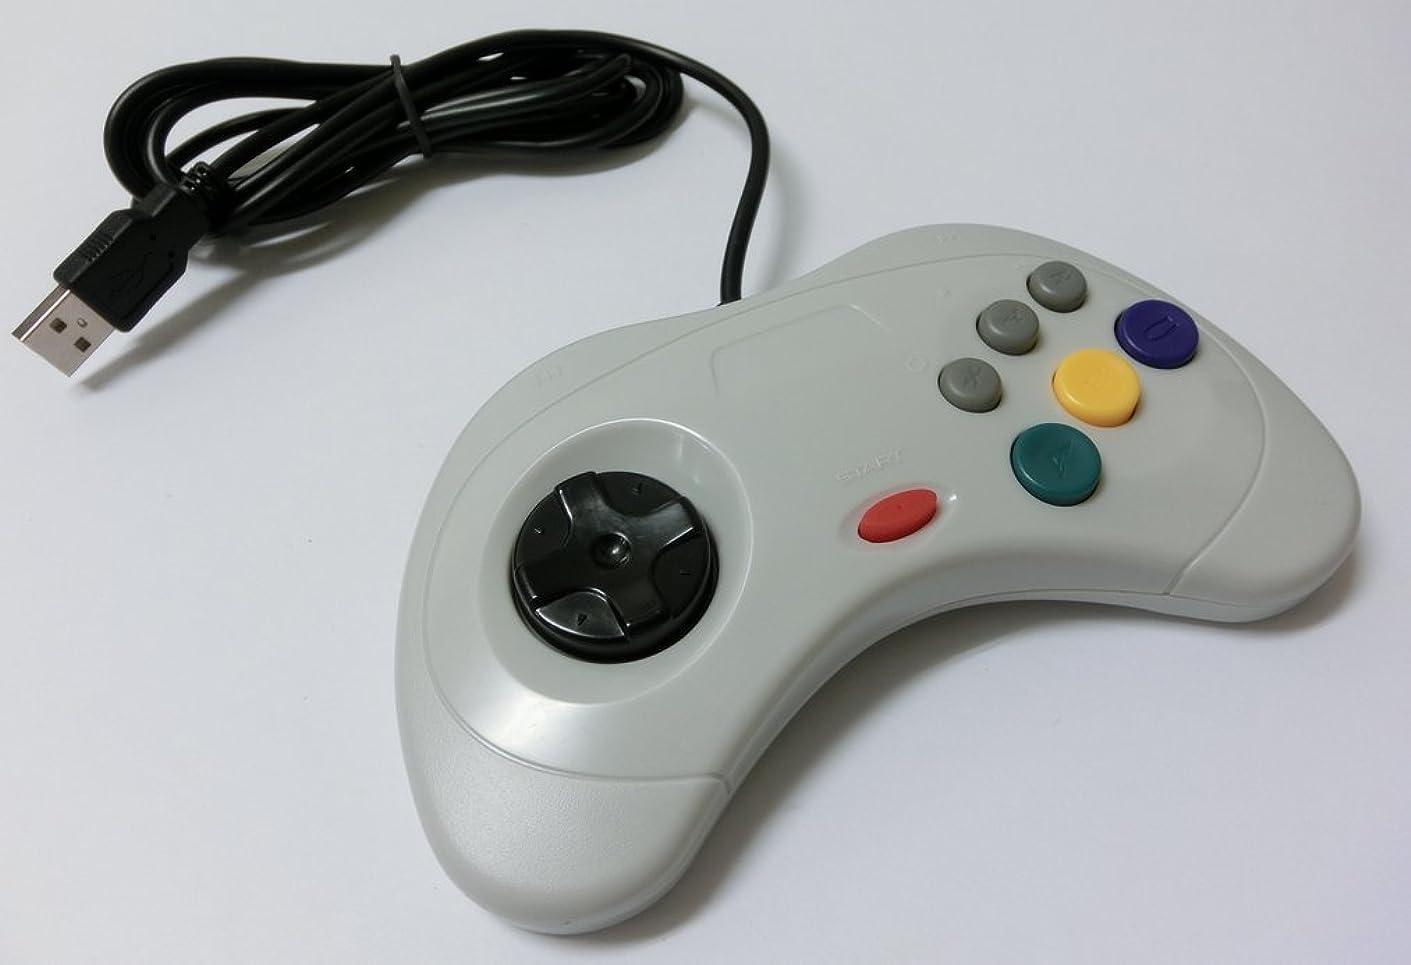 ビデオクレーン眩惑するPC サターン6ボタン型USBコントローラー(ホワイト)